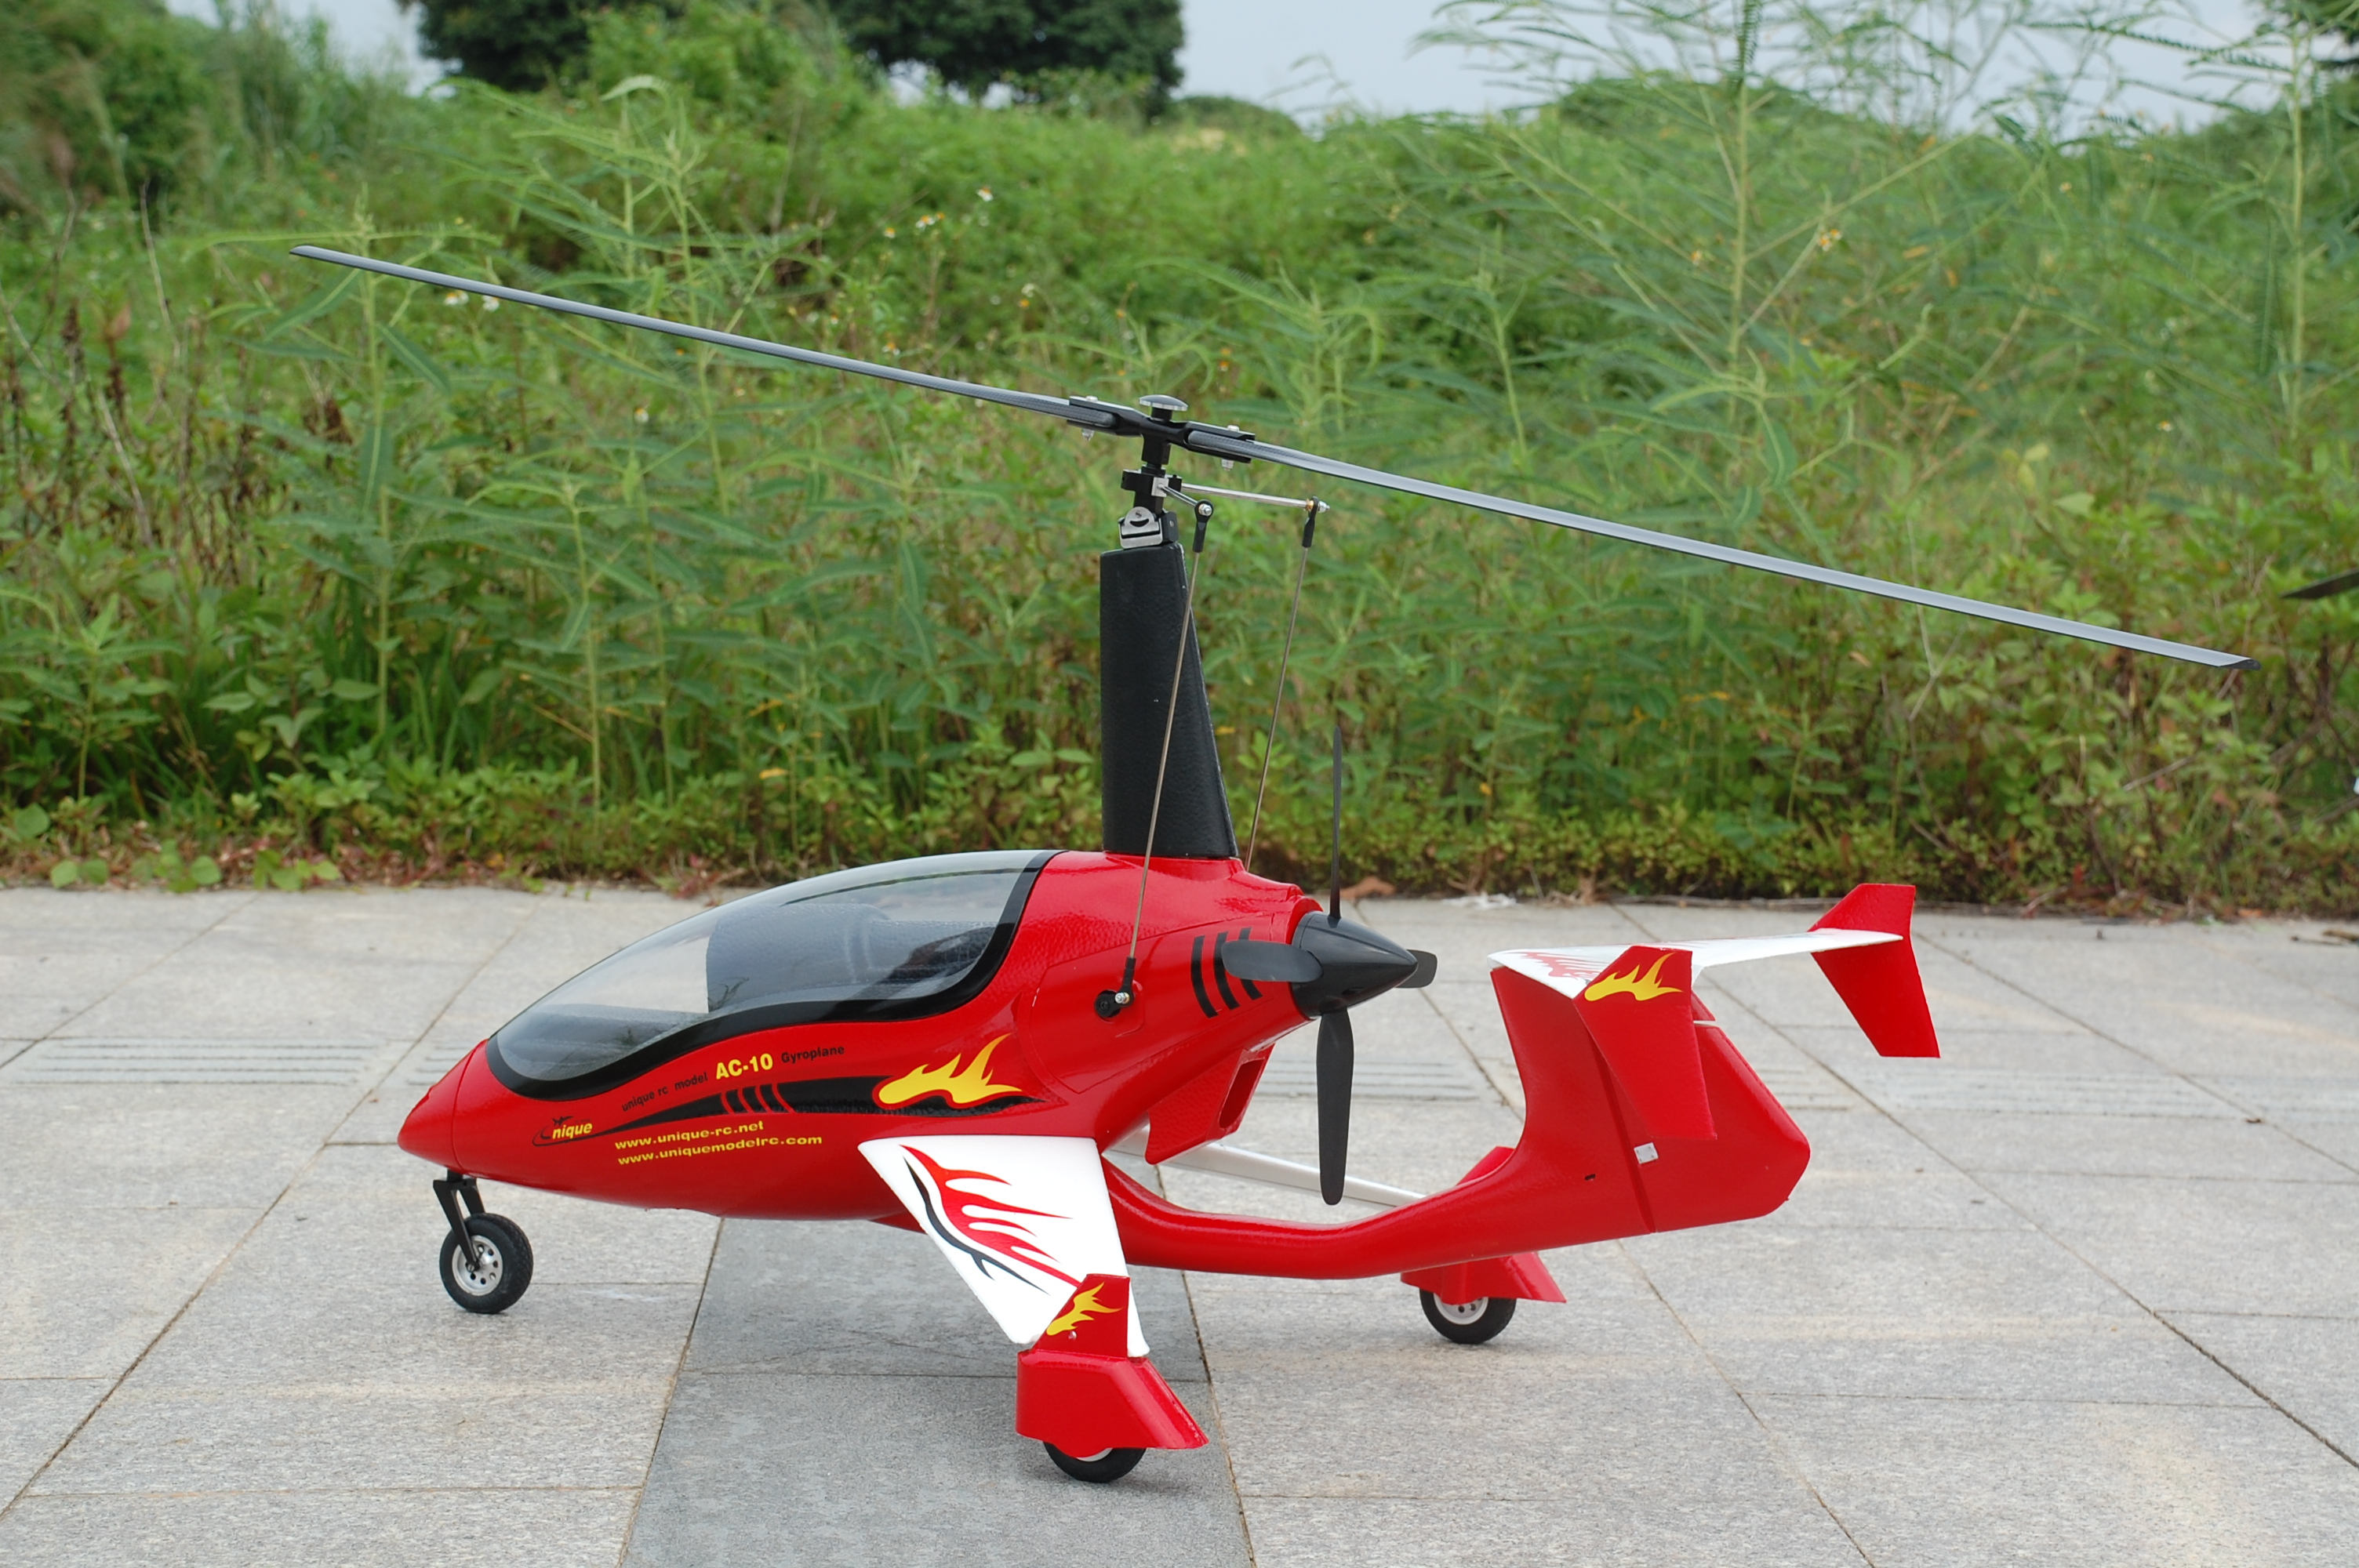 Unieke RC Gyrocopter vliegtuig model AC10 AC 10 PNP-in RC Vliegtuigen van Speelgoed & Hobbies op  Groep 1